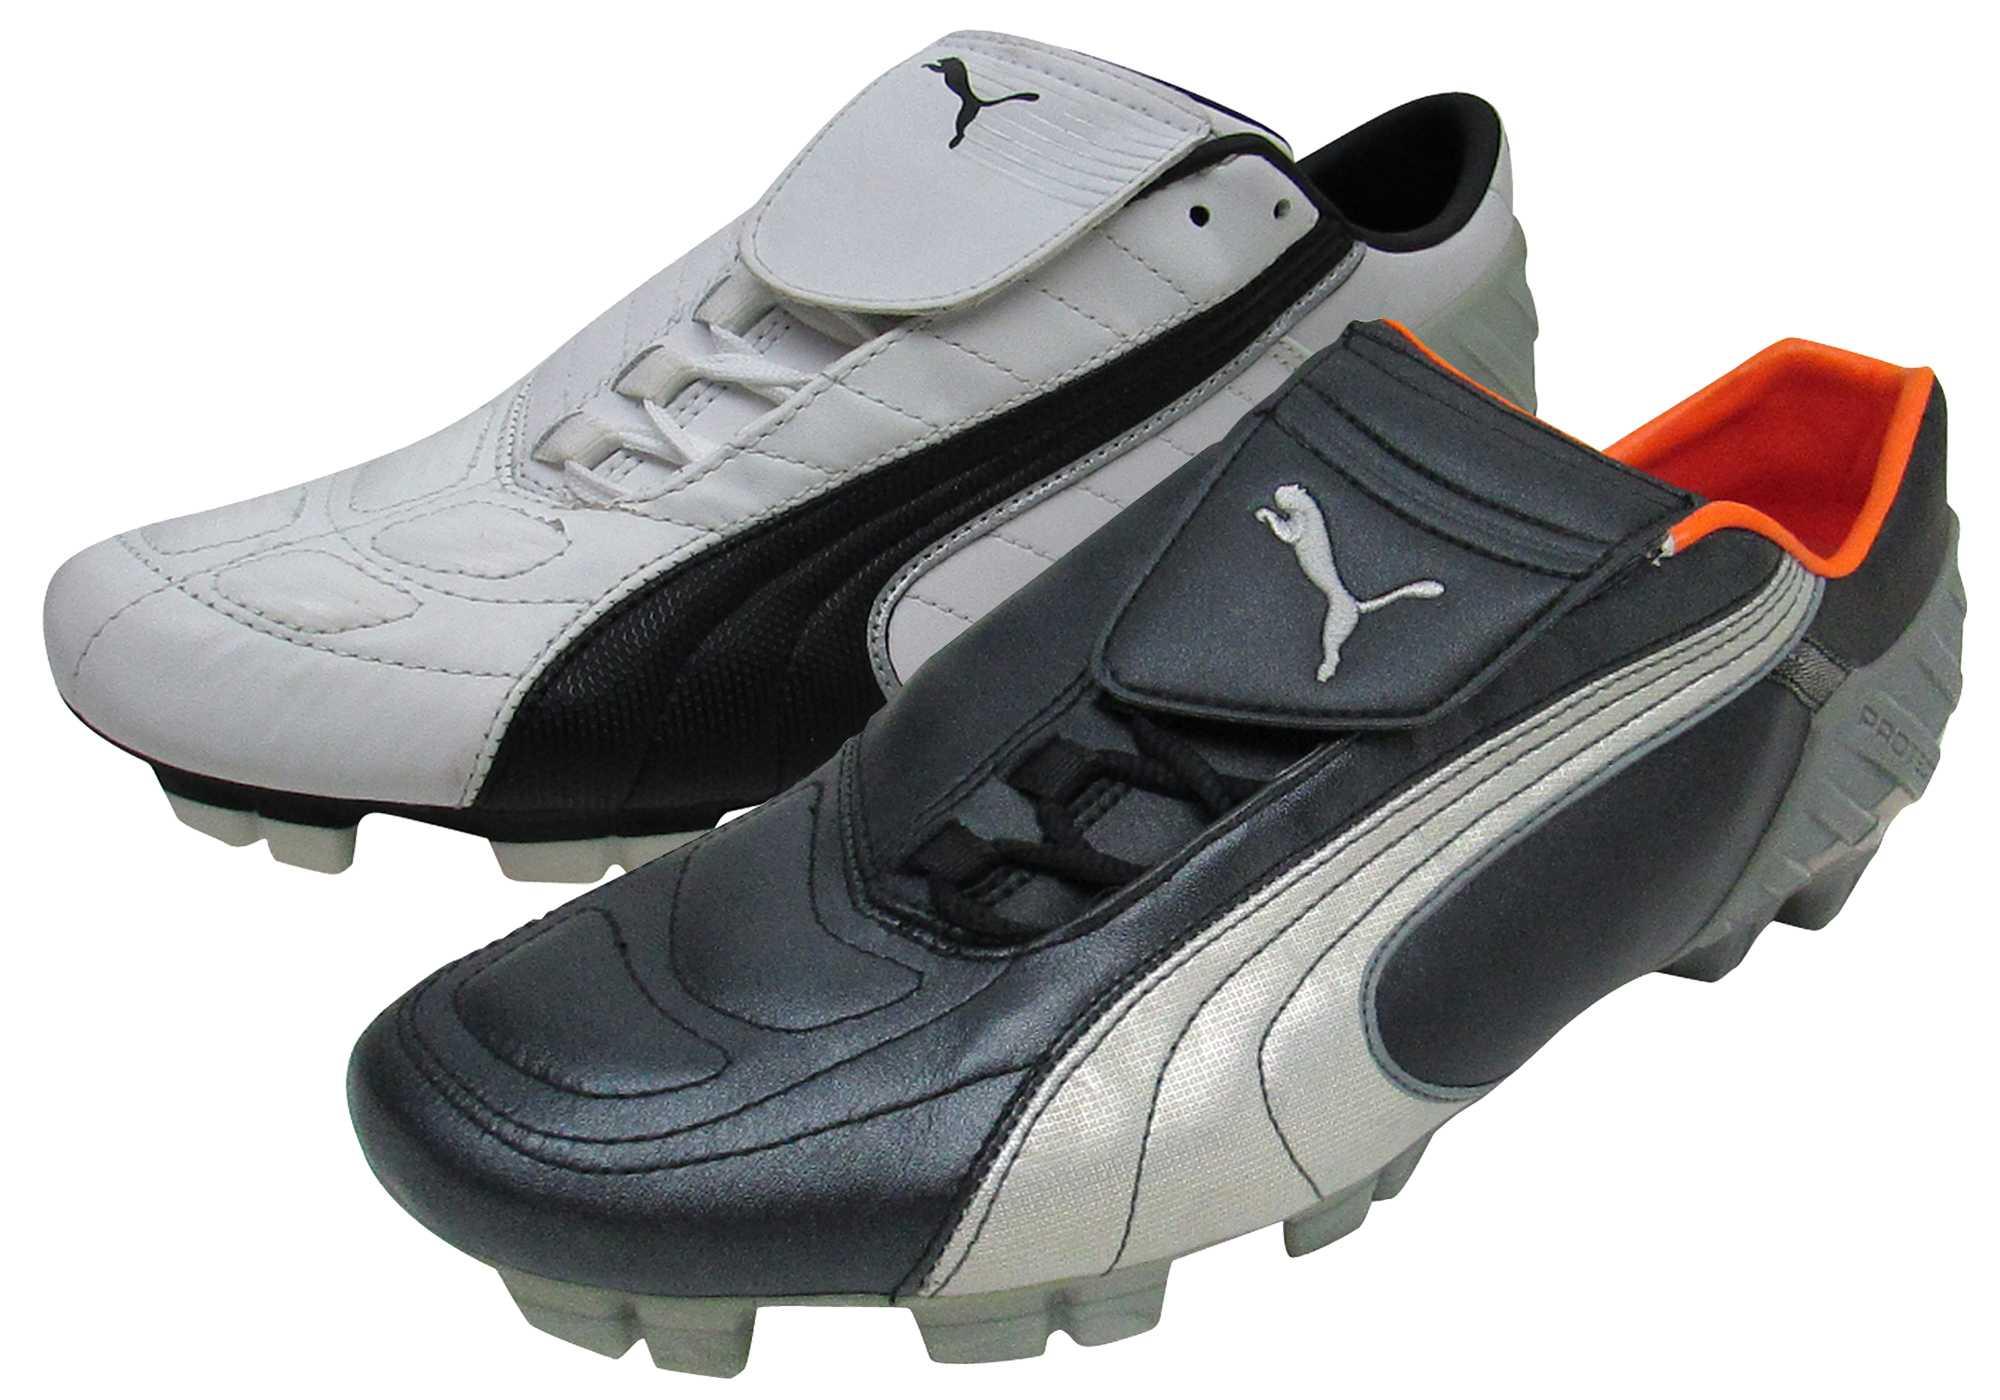 Détails sur Homme puma esito ii gc i fg chaussures de football ferme sol soccer crampons boot 101159 afficher le titre d'origine